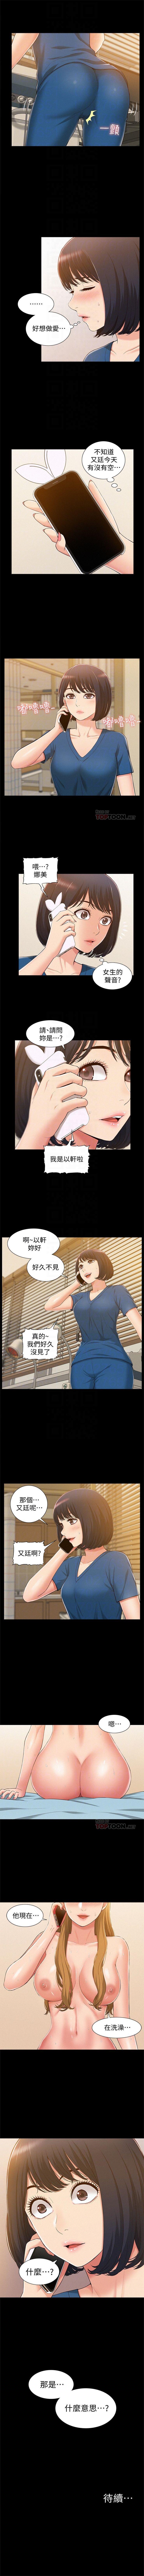 (周4)难言之隐 1-20 中文翻译(更新中) 49